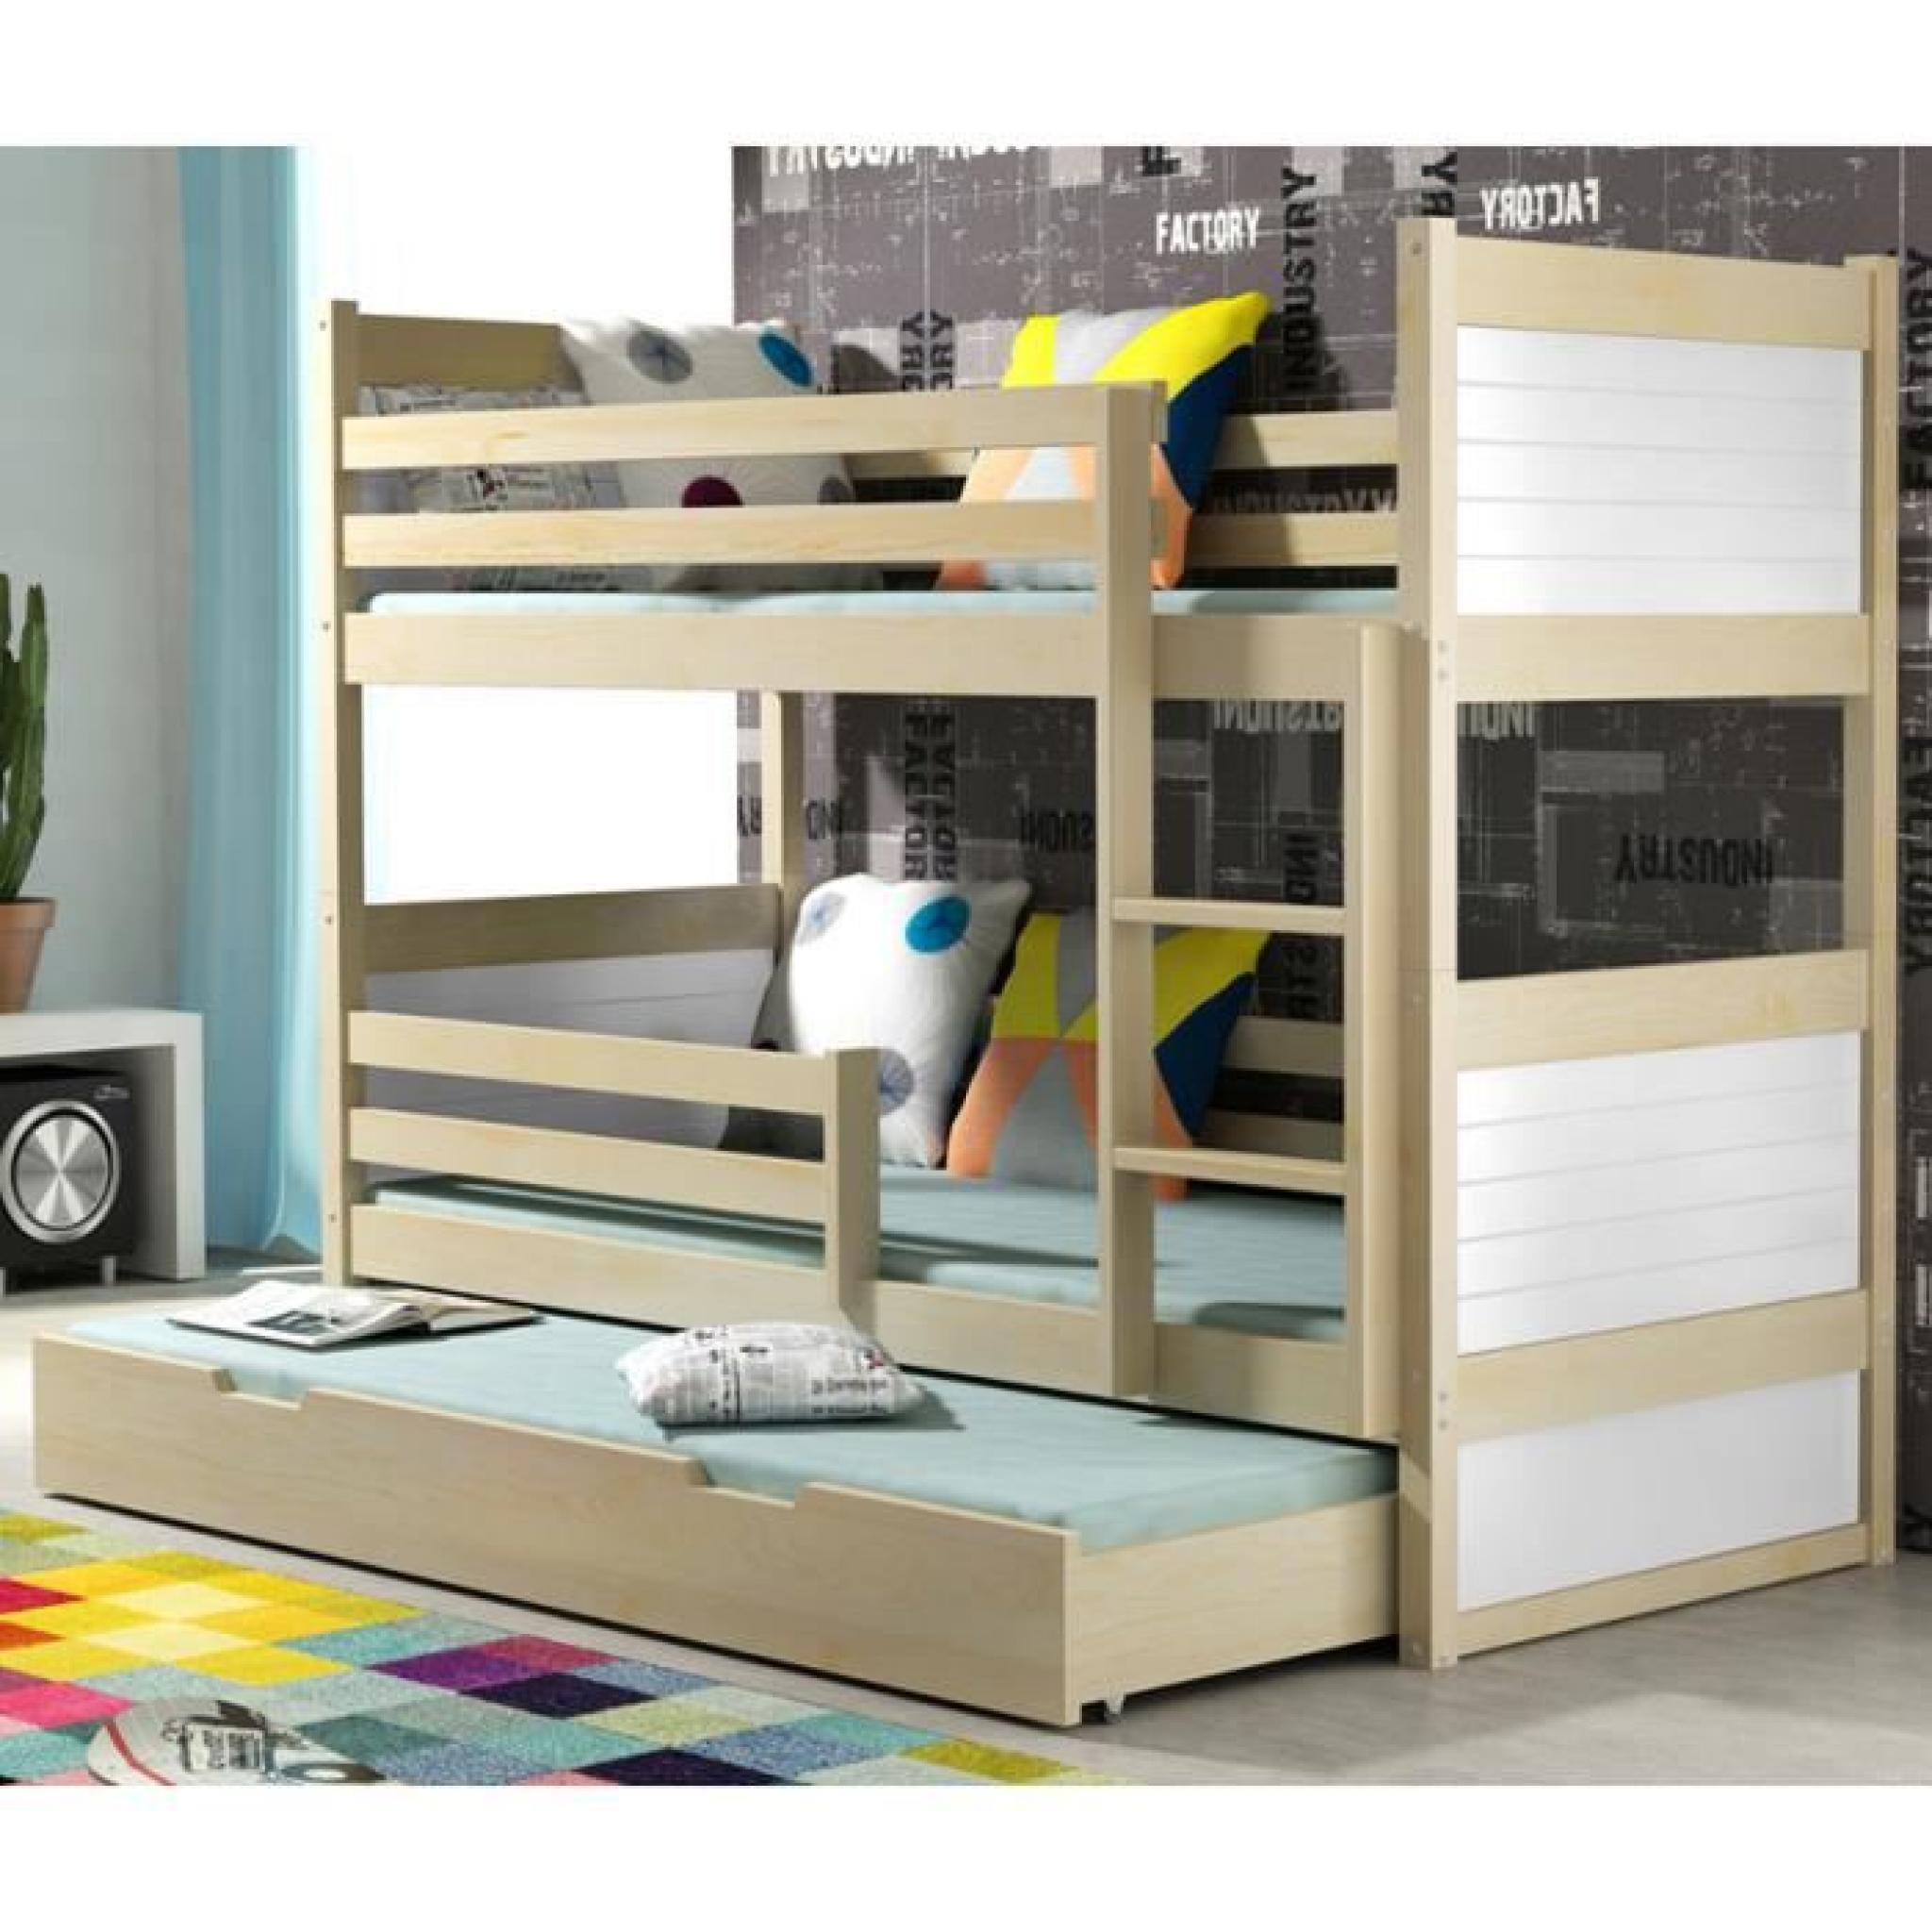 lit superpos rico 3 en pin 185x80 pin achat vente lit superpose pas cher couleur et. Black Bedroom Furniture Sets. Home Design Ideas